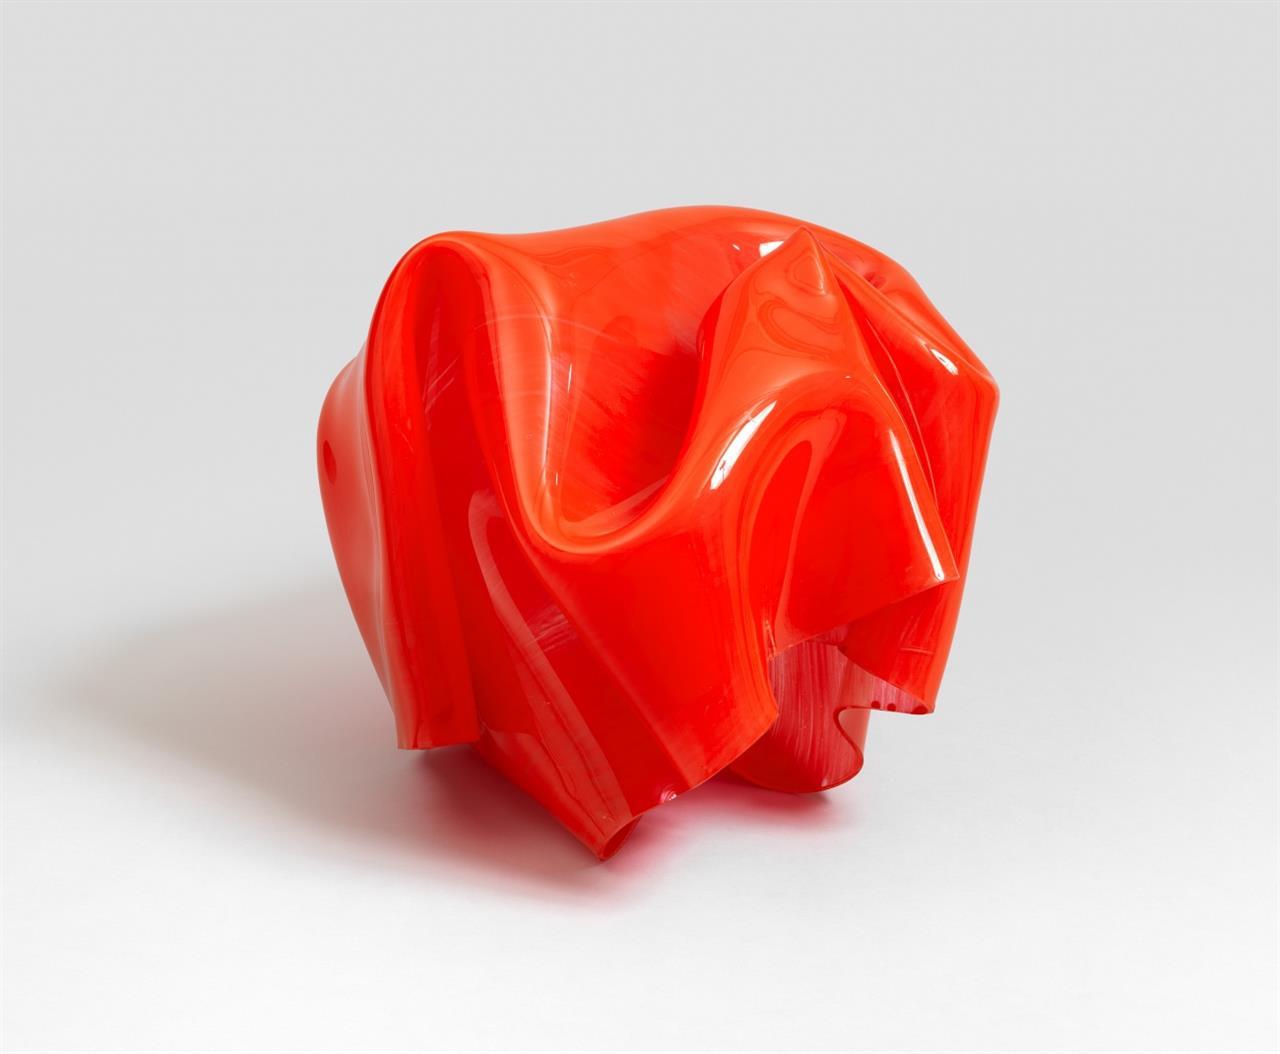 Paul Schwer. Red Bao 12. 2012. Siebdrucklack auf Plexiglas Resist, durch Hitze verformt. Signiert.